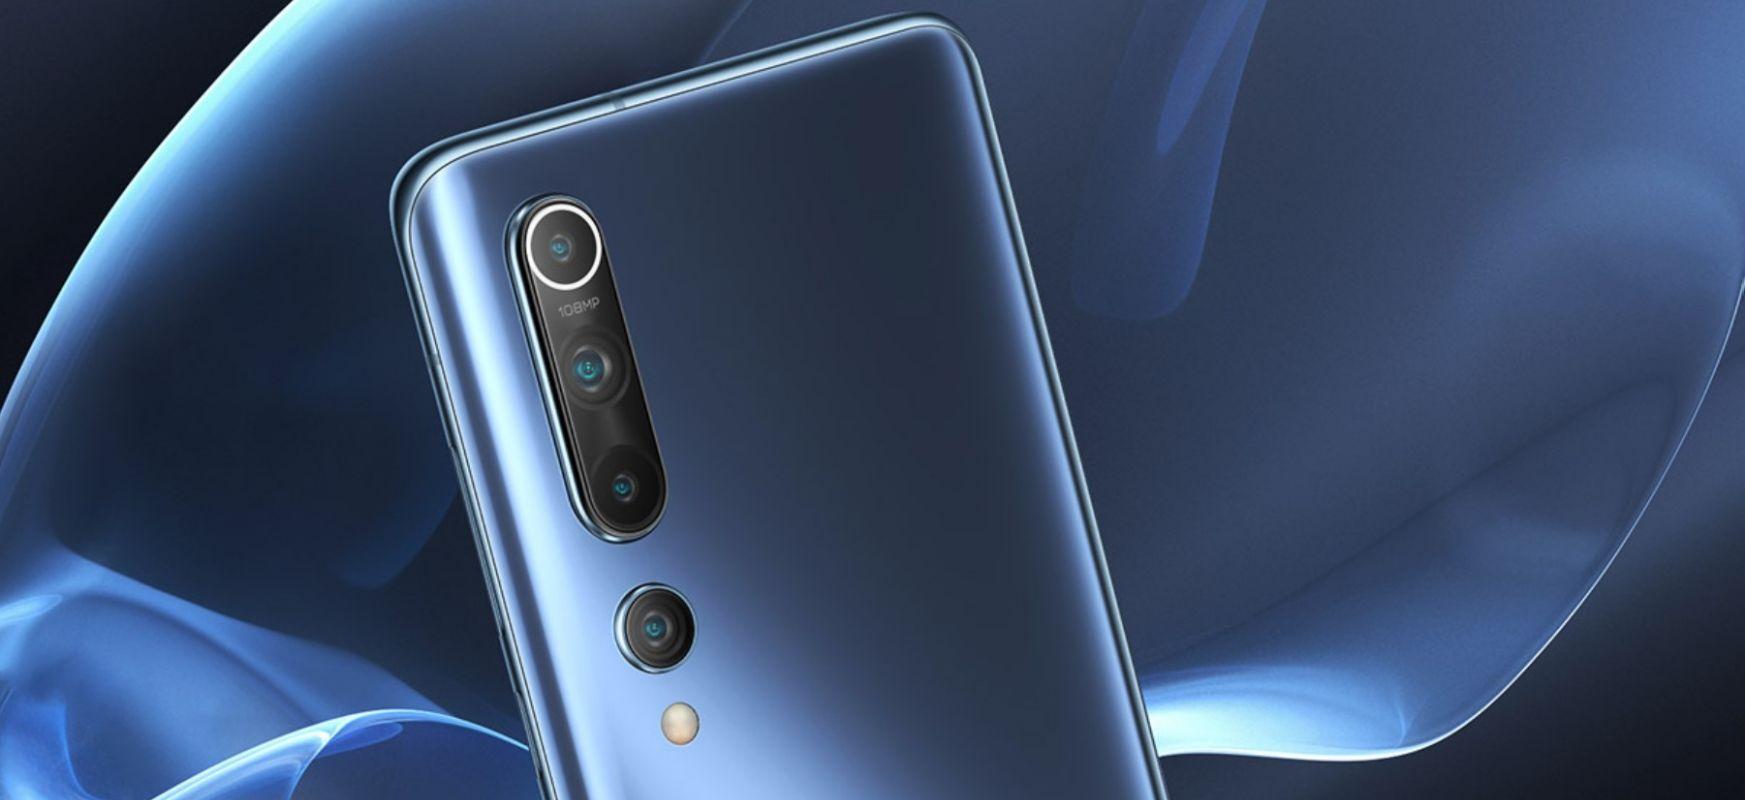 Xiaomi Mi 10 martxoaren amaieran debutatuko du Polonian.  Galdera bat geratzen da - erosiko duzu?